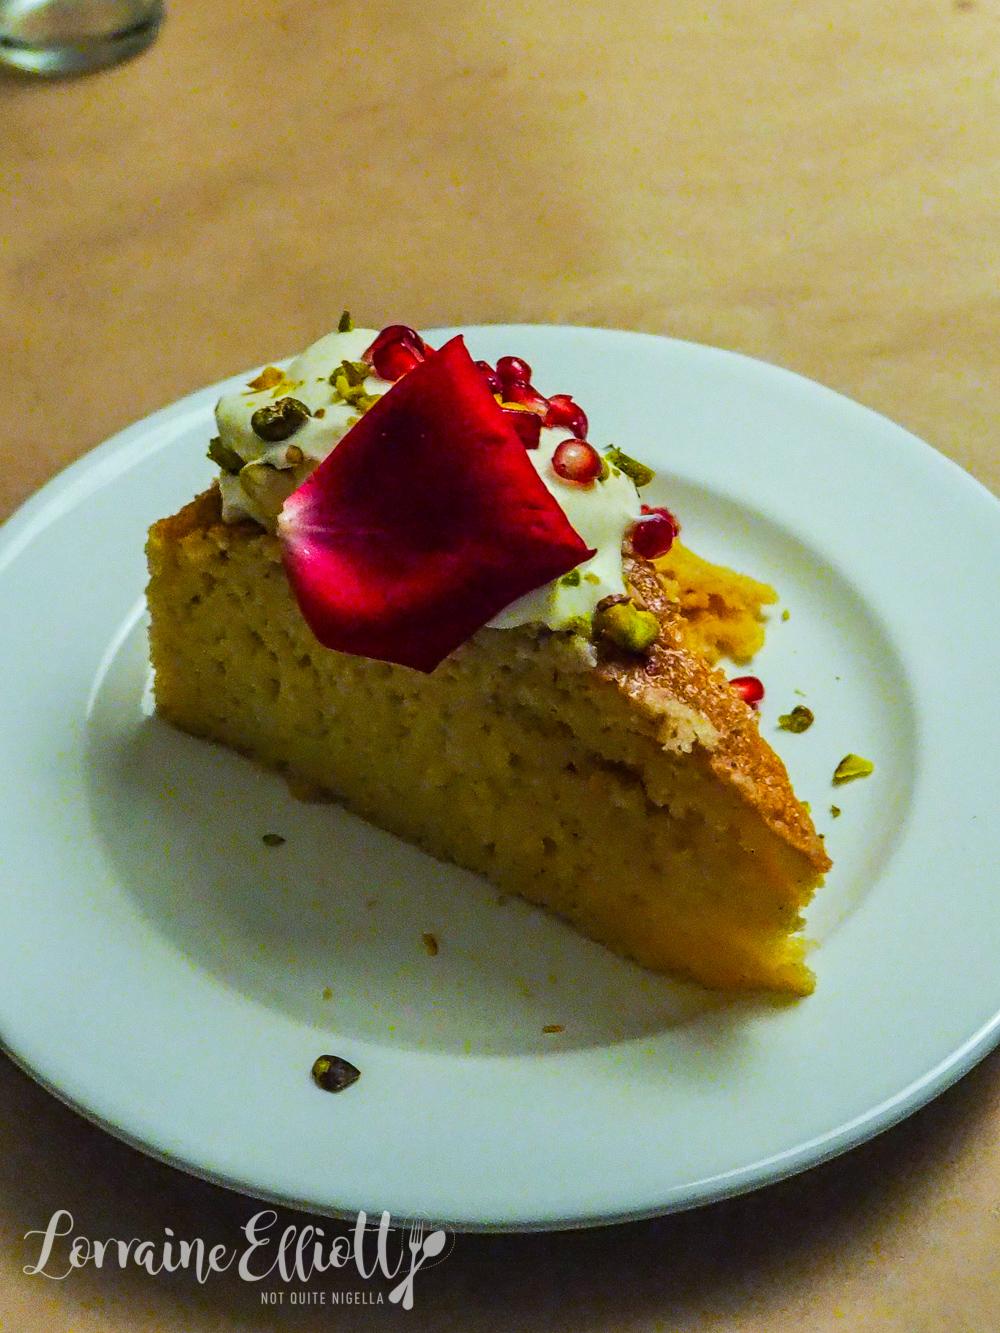 Ausgezeichnet Küche Renovierungen Perth Fotos - Küchenschrank Ideen ...